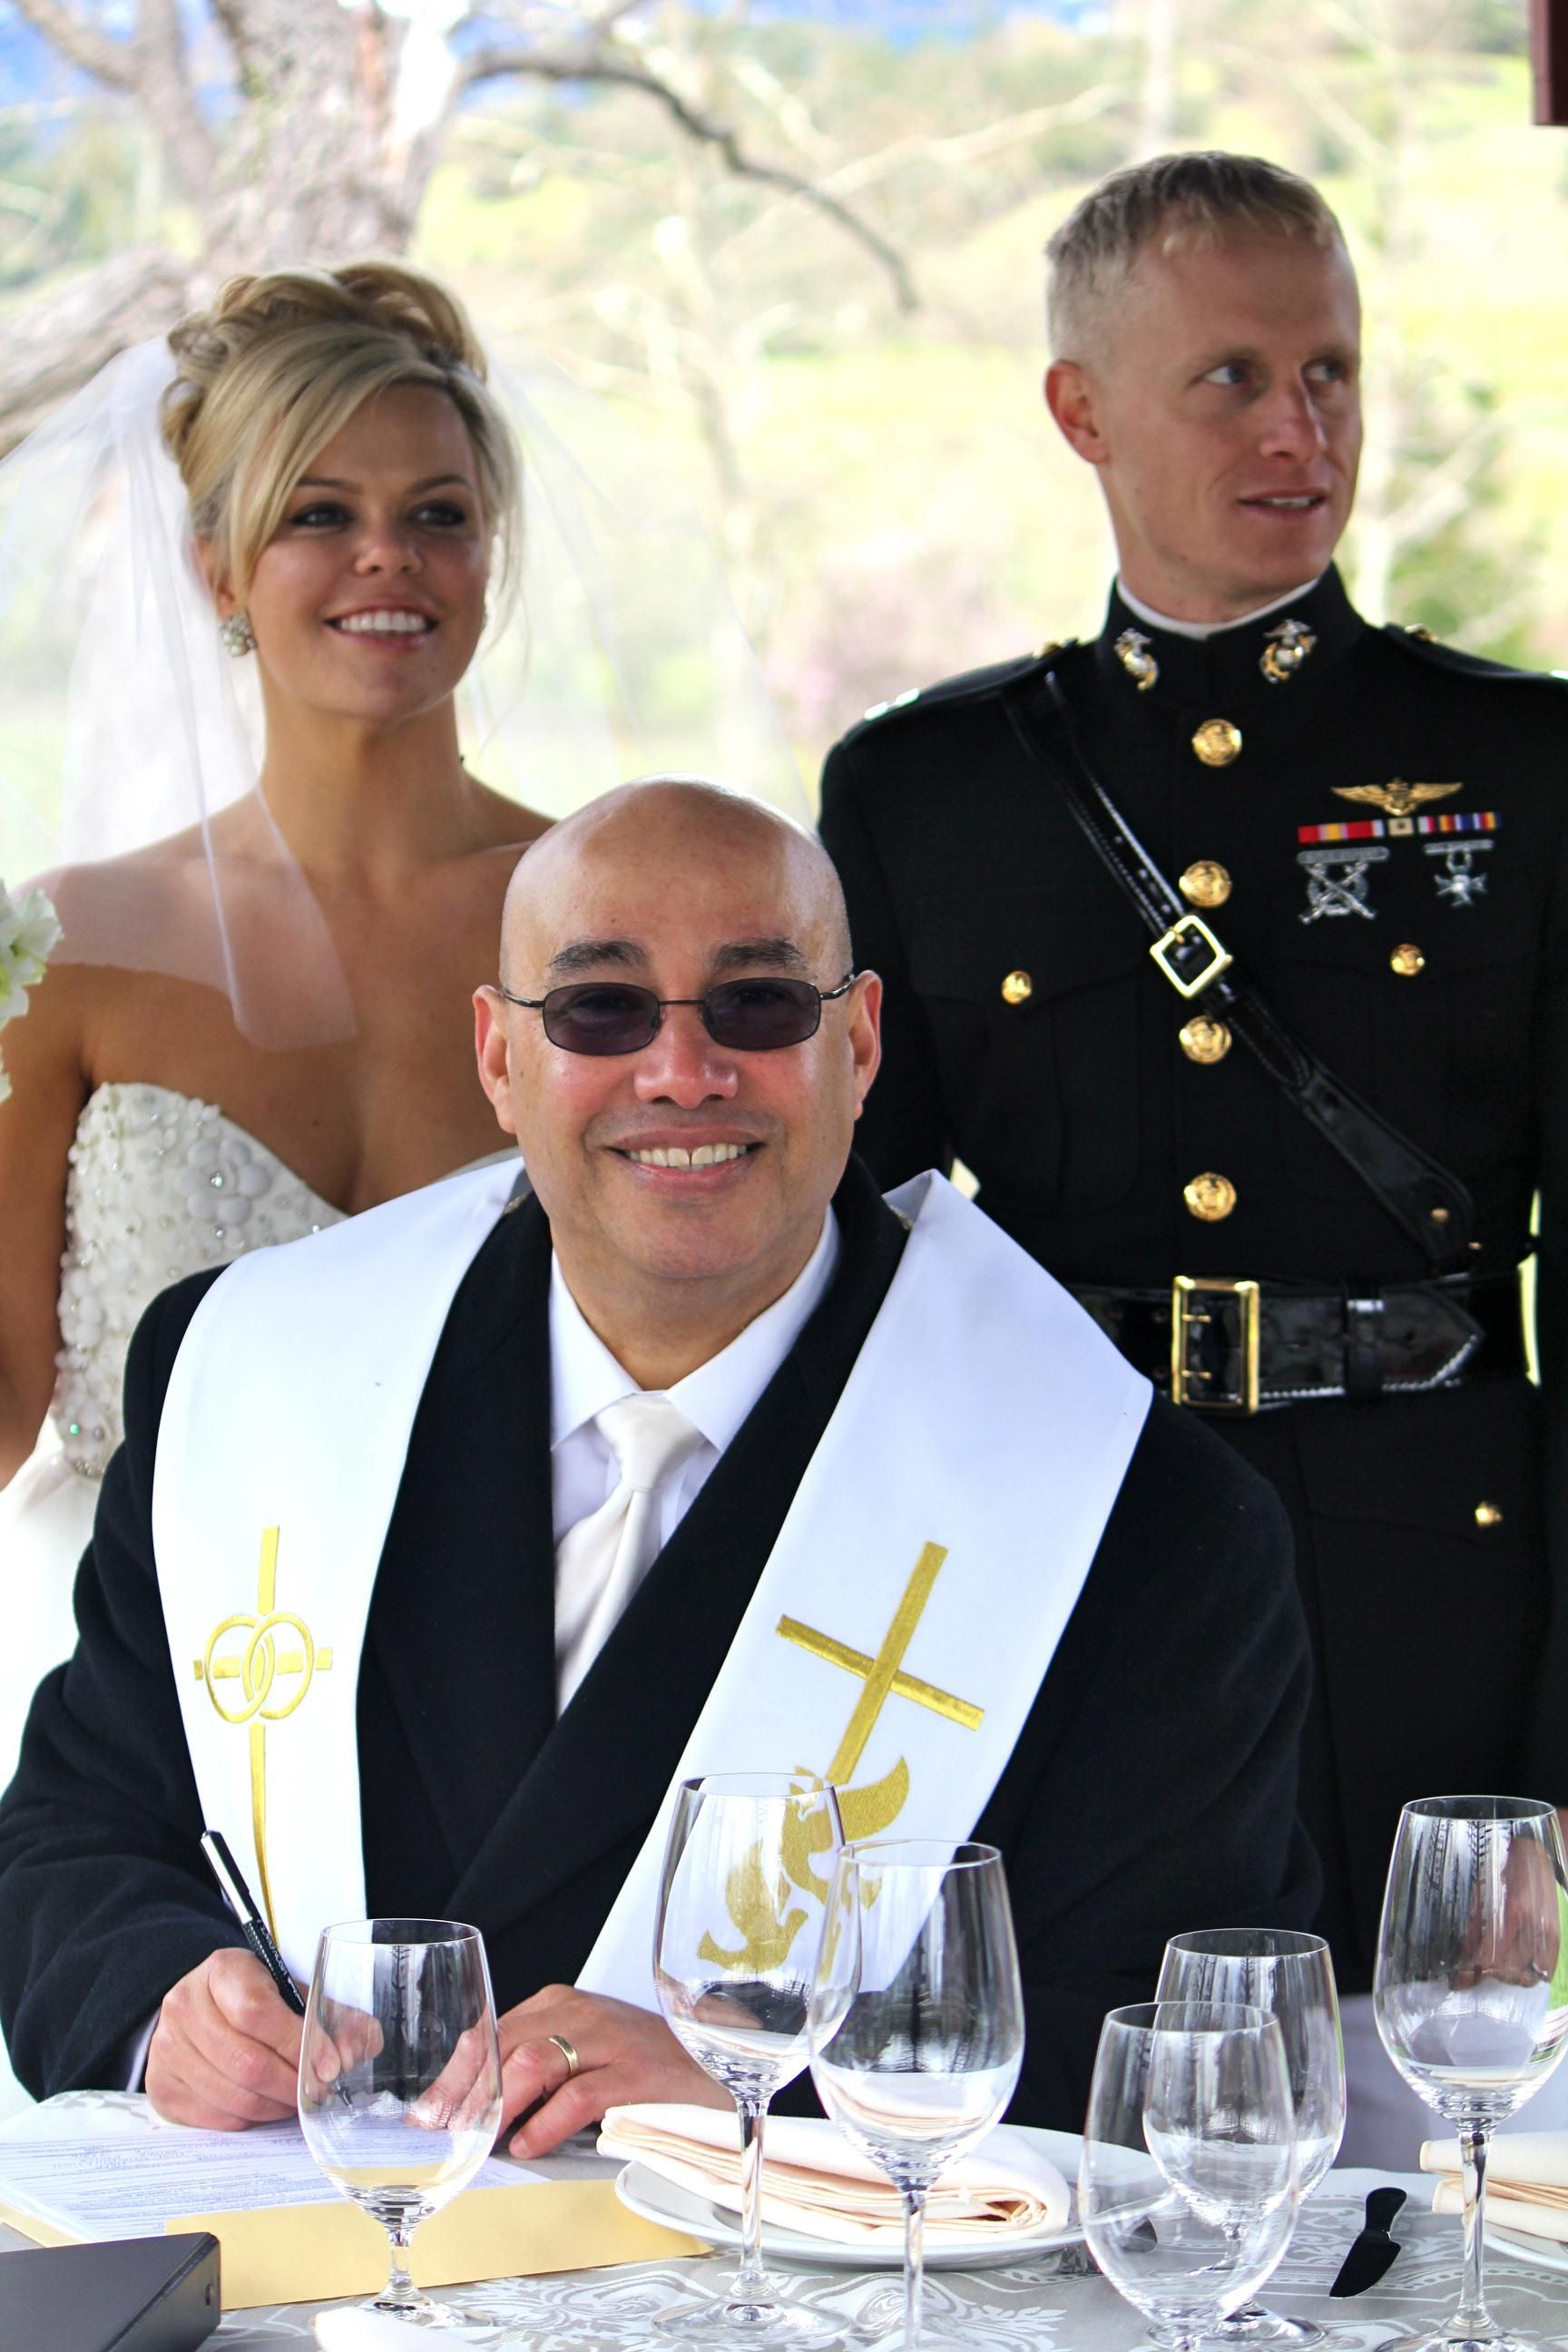 Military Wedding by Chaplain / Pastor Tom Burgos www